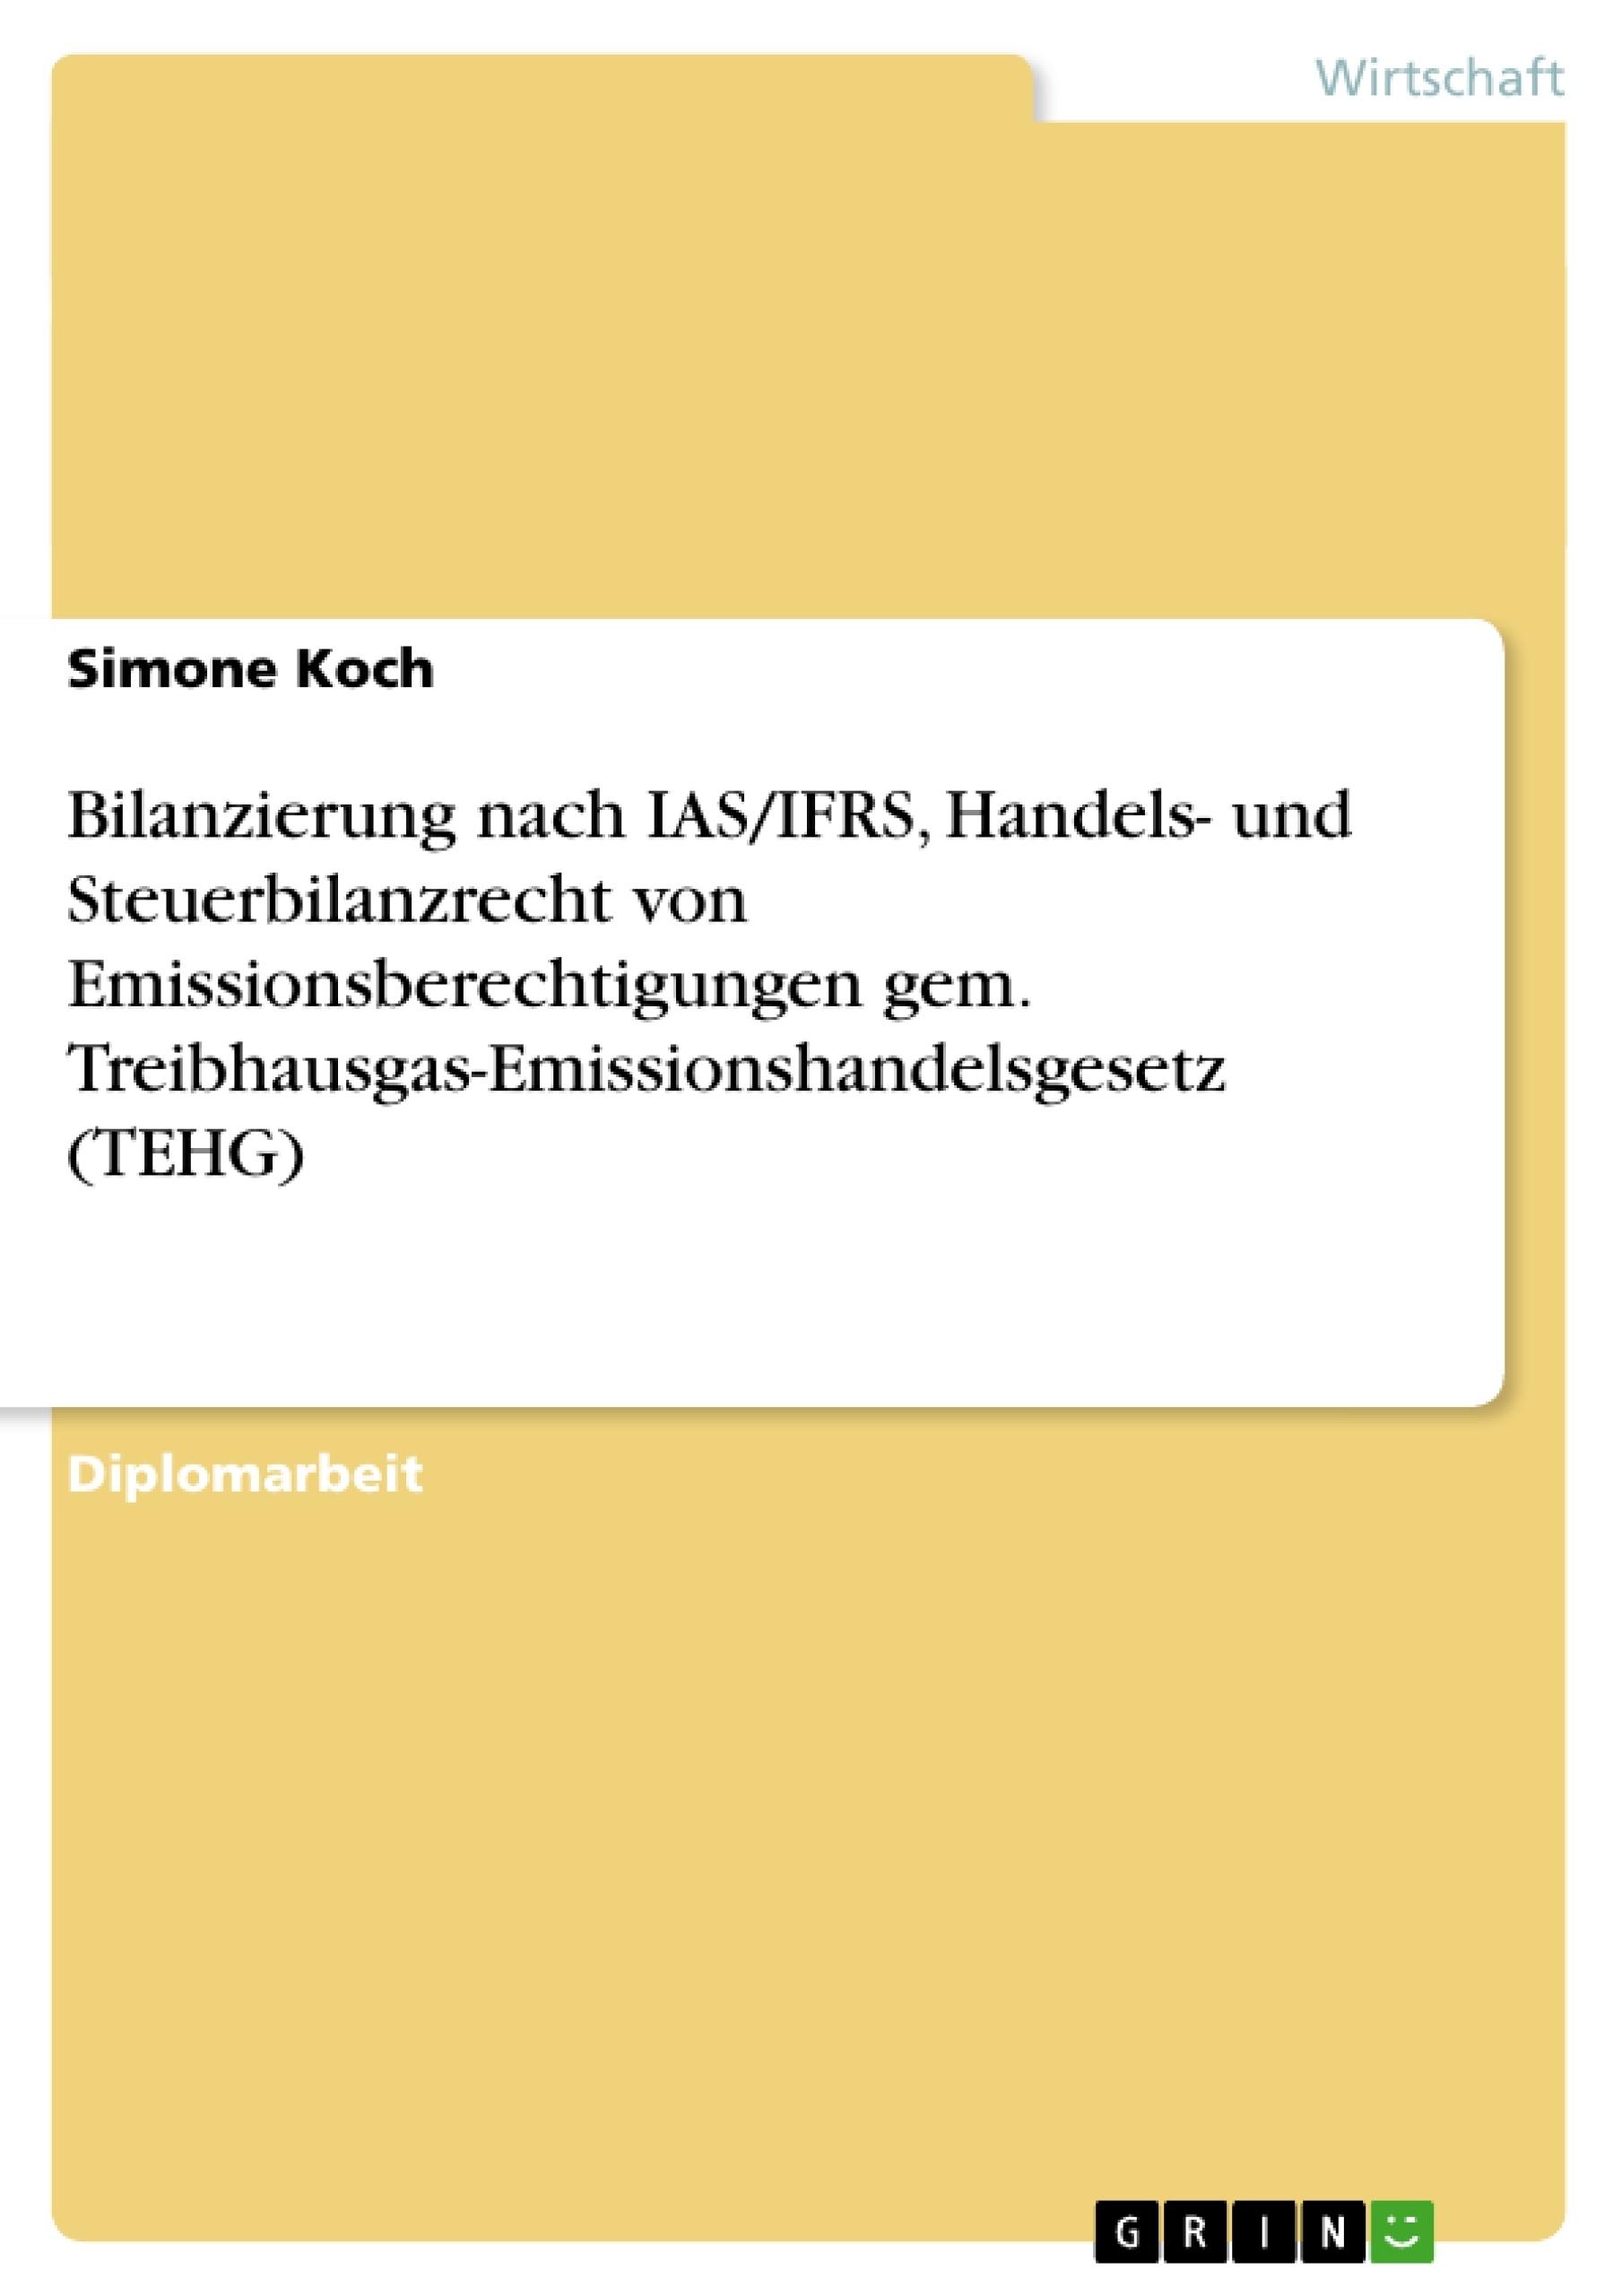 Titel: Bilanzierung nach IAS/IFRS, Handels- und Steuerbilanzrecht von Emissionsberechtigungen gem. Treibhausgas-Emissionshandelsgesetz (TEHG)